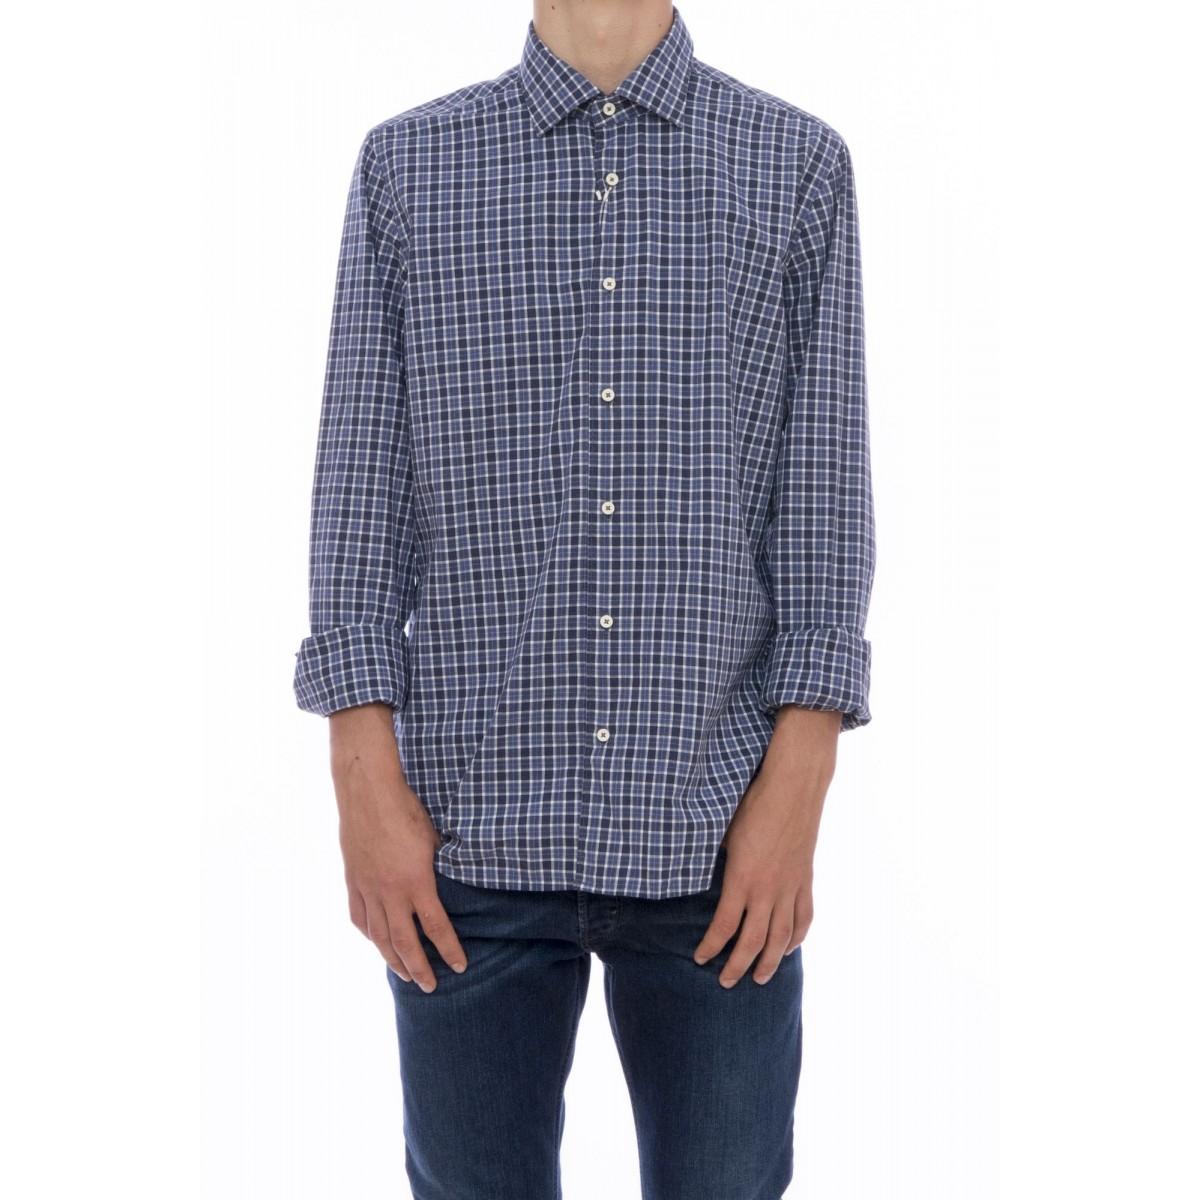 Camicia uomo Xacus - 719 71302 camicia taylor lavata